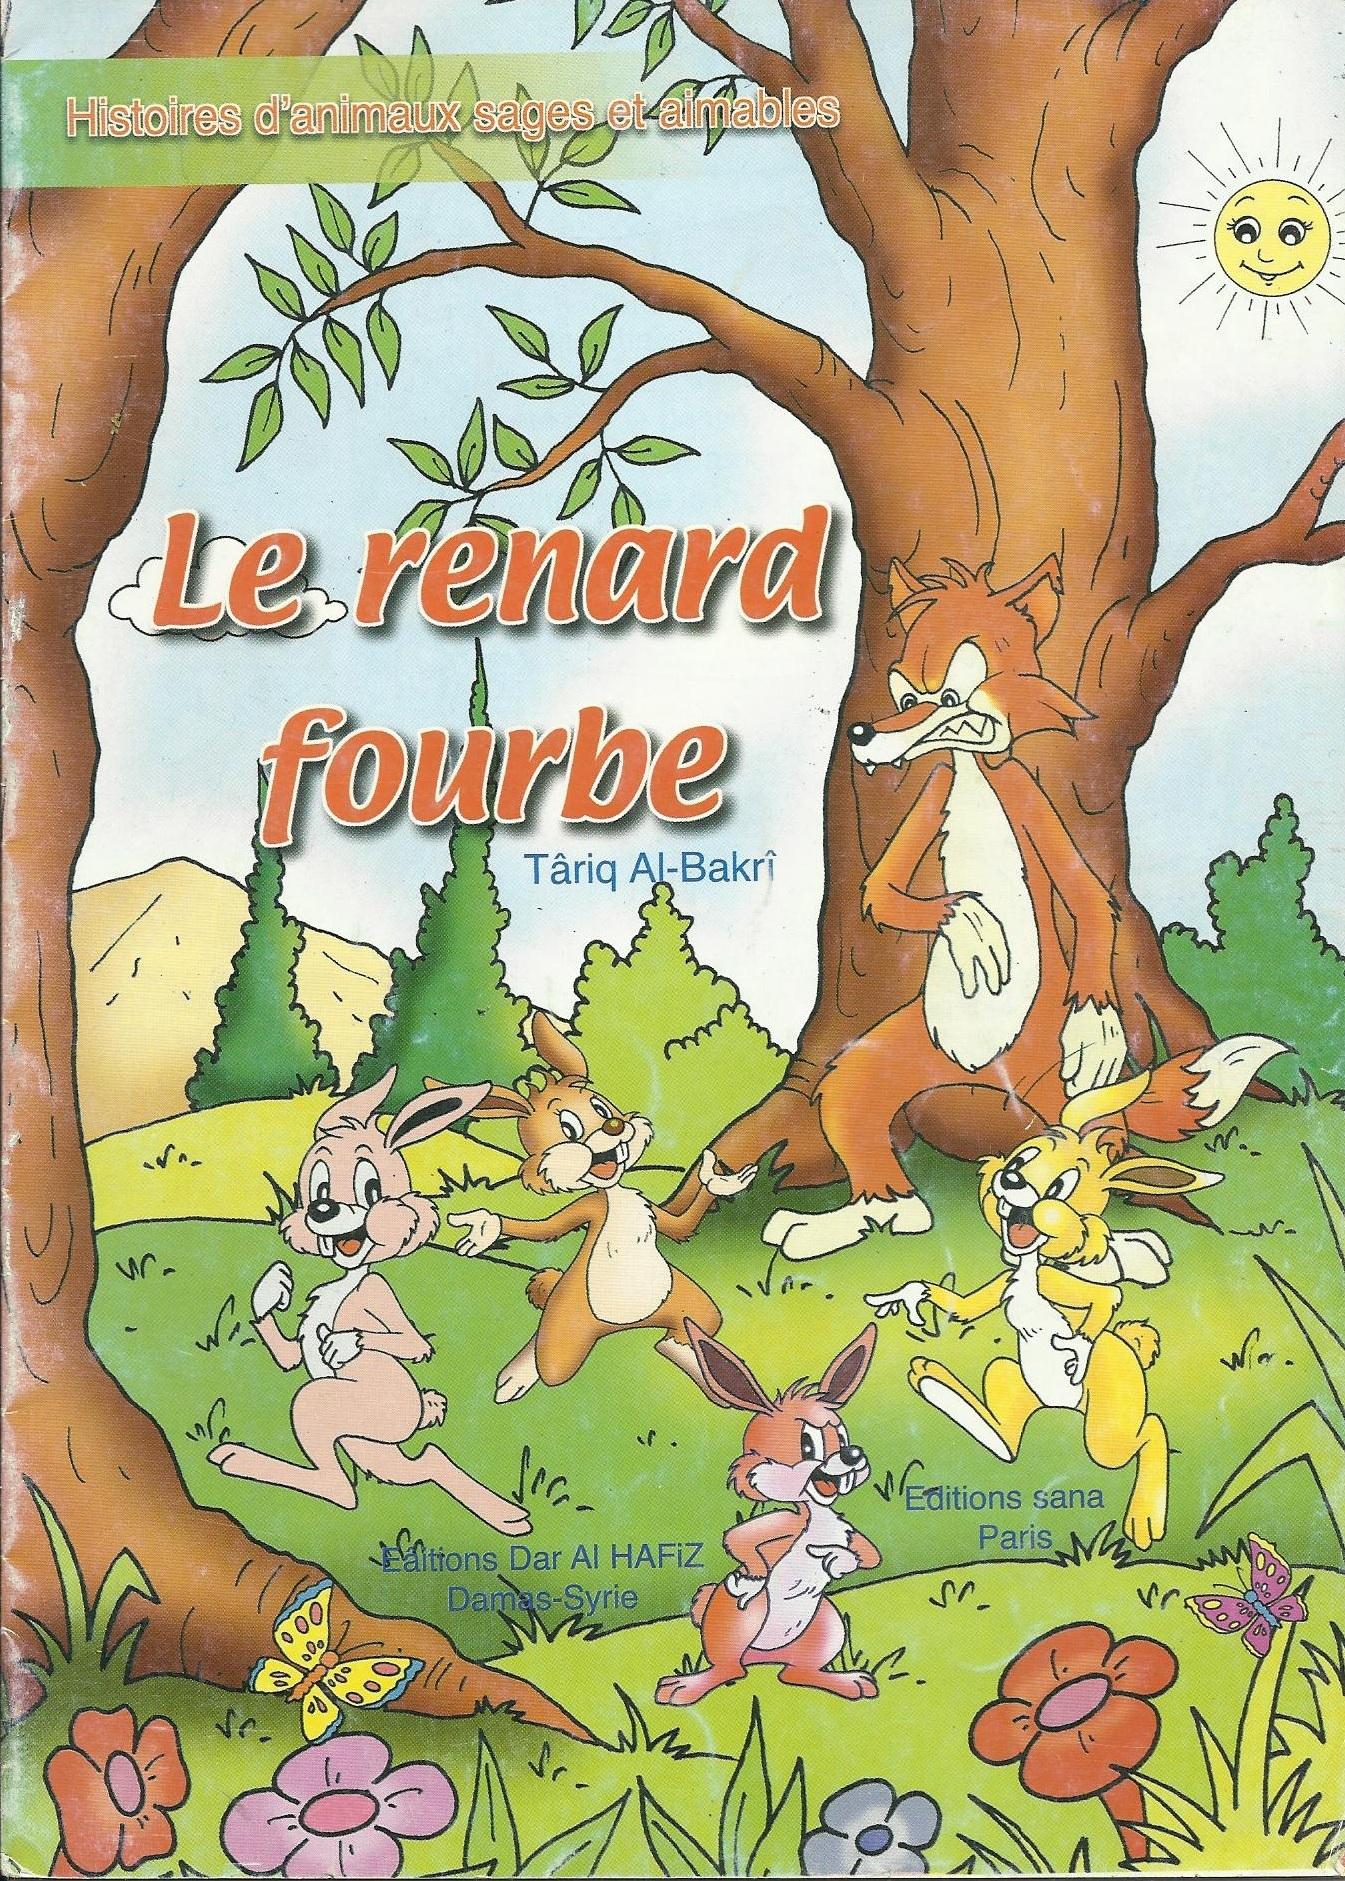 Le renard fourbe